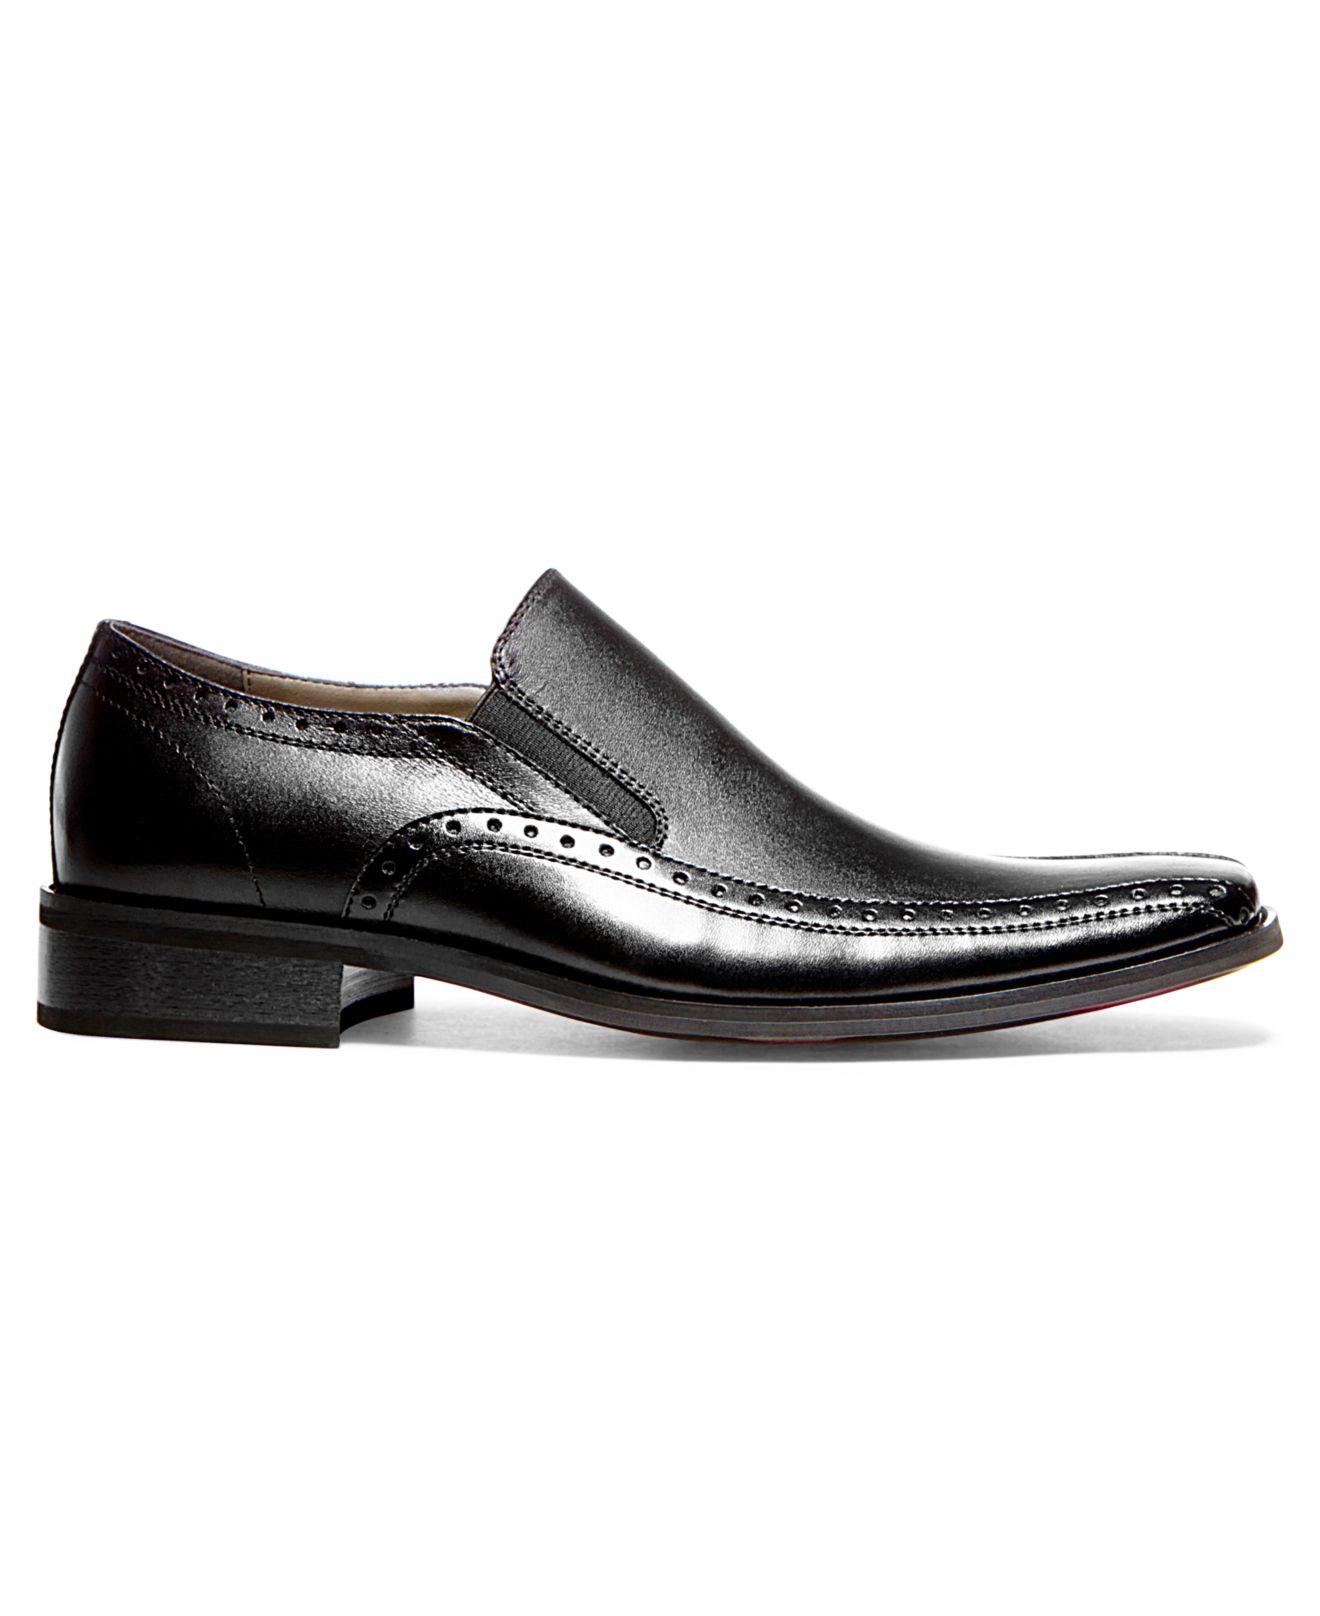 74d53f895b8 ... lyst steve madden kaptive slip on dress shoes in black for men ...